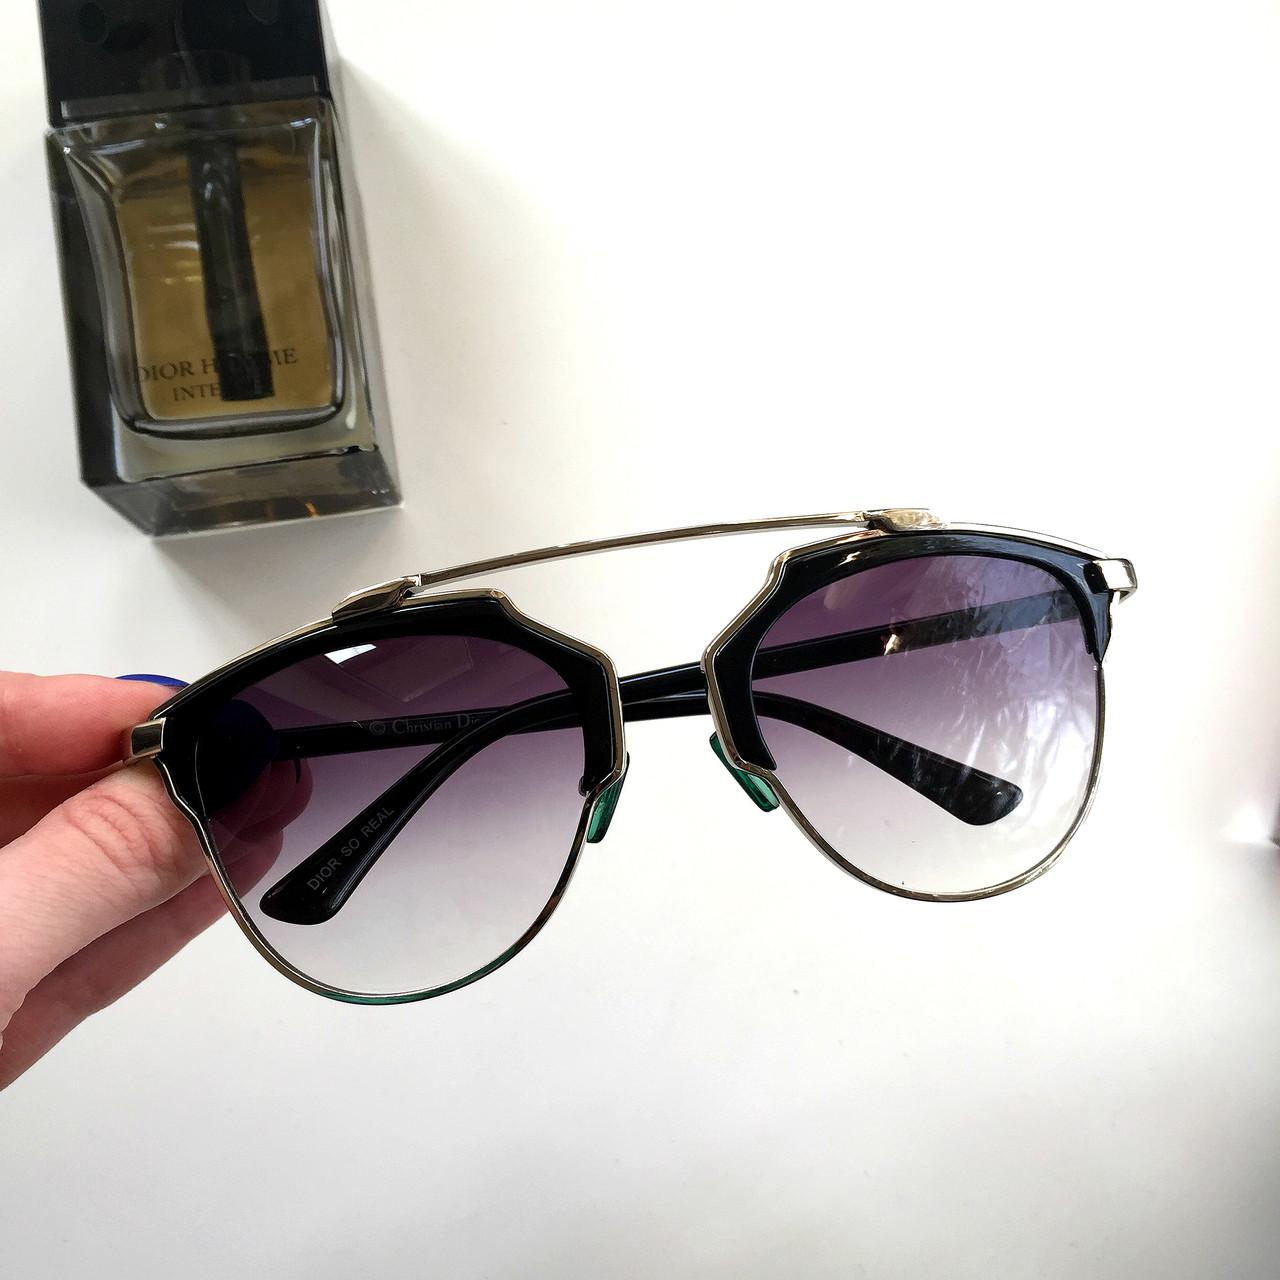 66e886a2b157 Женские солнцезащитные очки Dior So Real фиолетовые в серебряной оправе ,  магазин очков - Интернет-